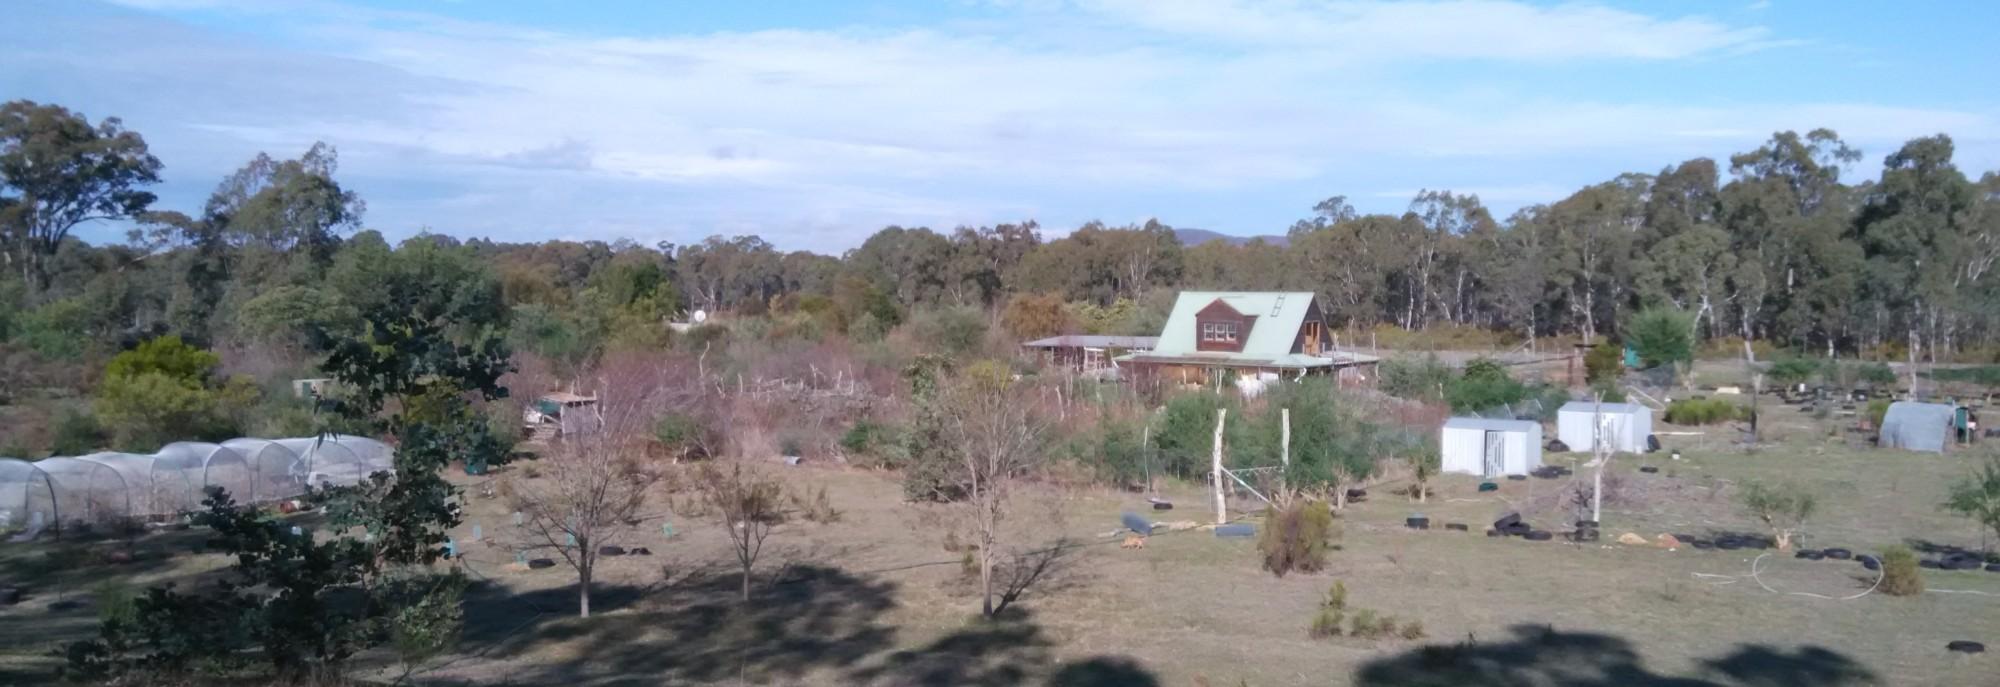 Tukkadjungul Farm, Heathcote